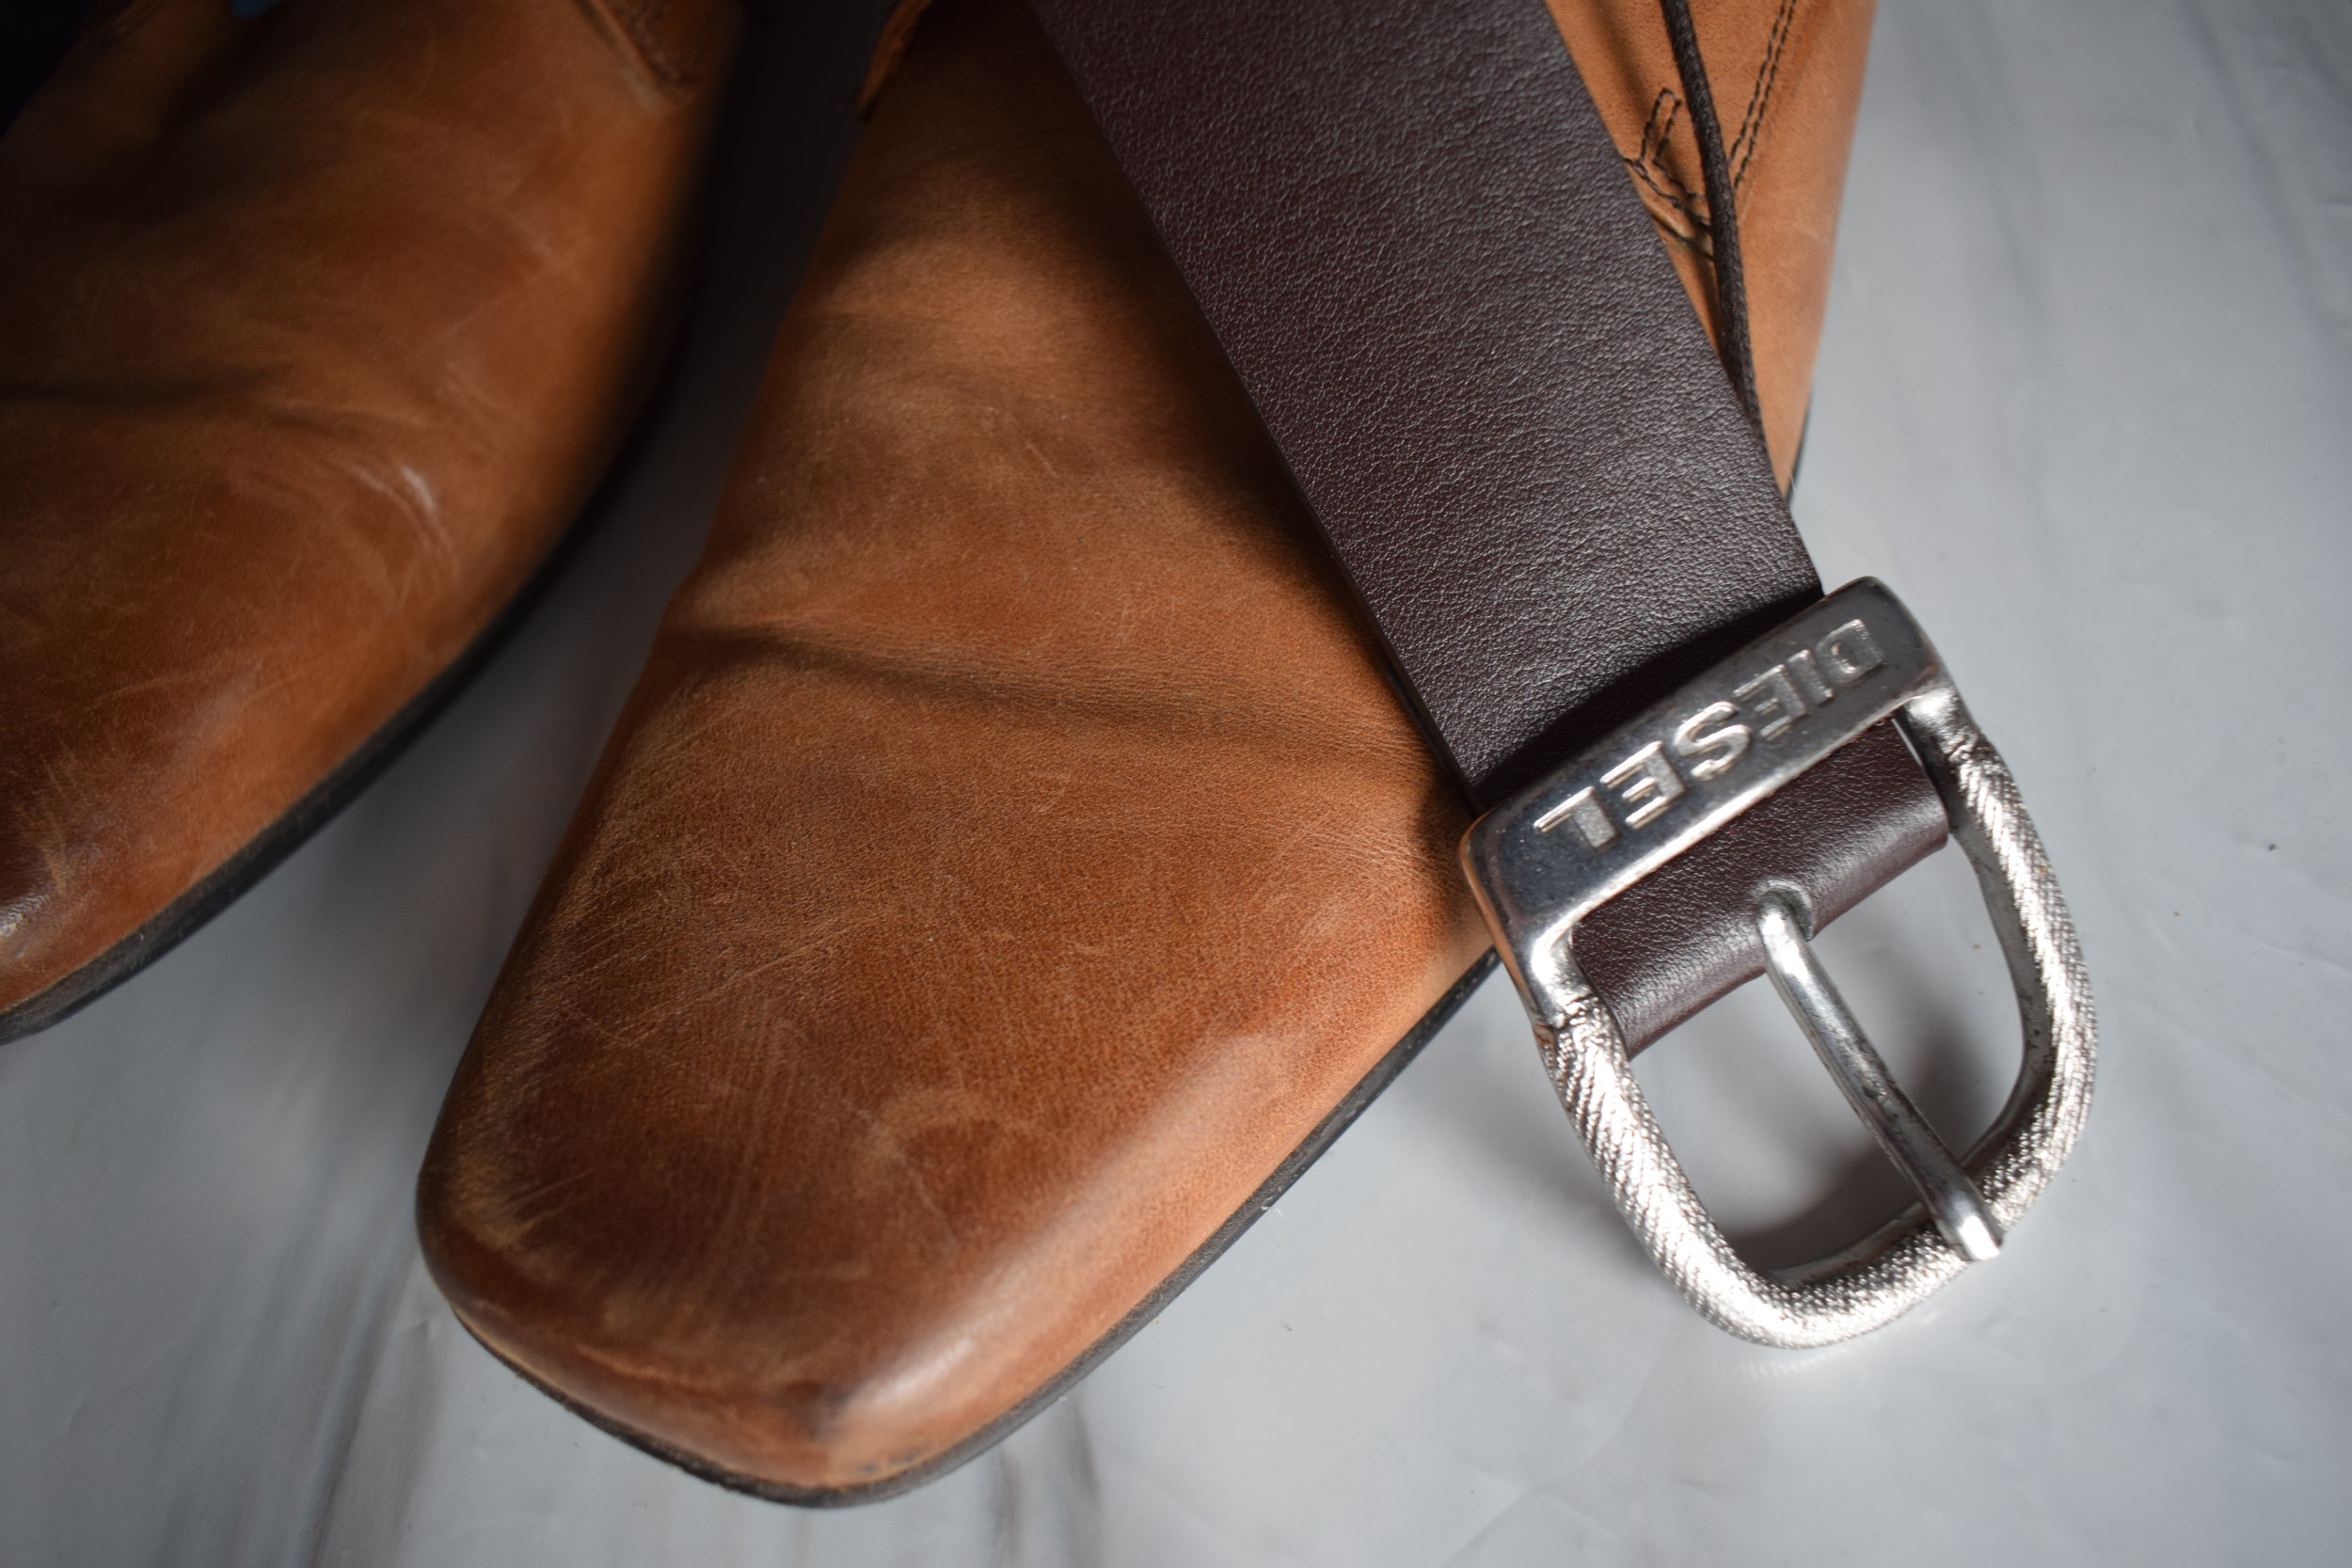 2019 Valentine's Day gifts Diesel belt from Mainline Menswear